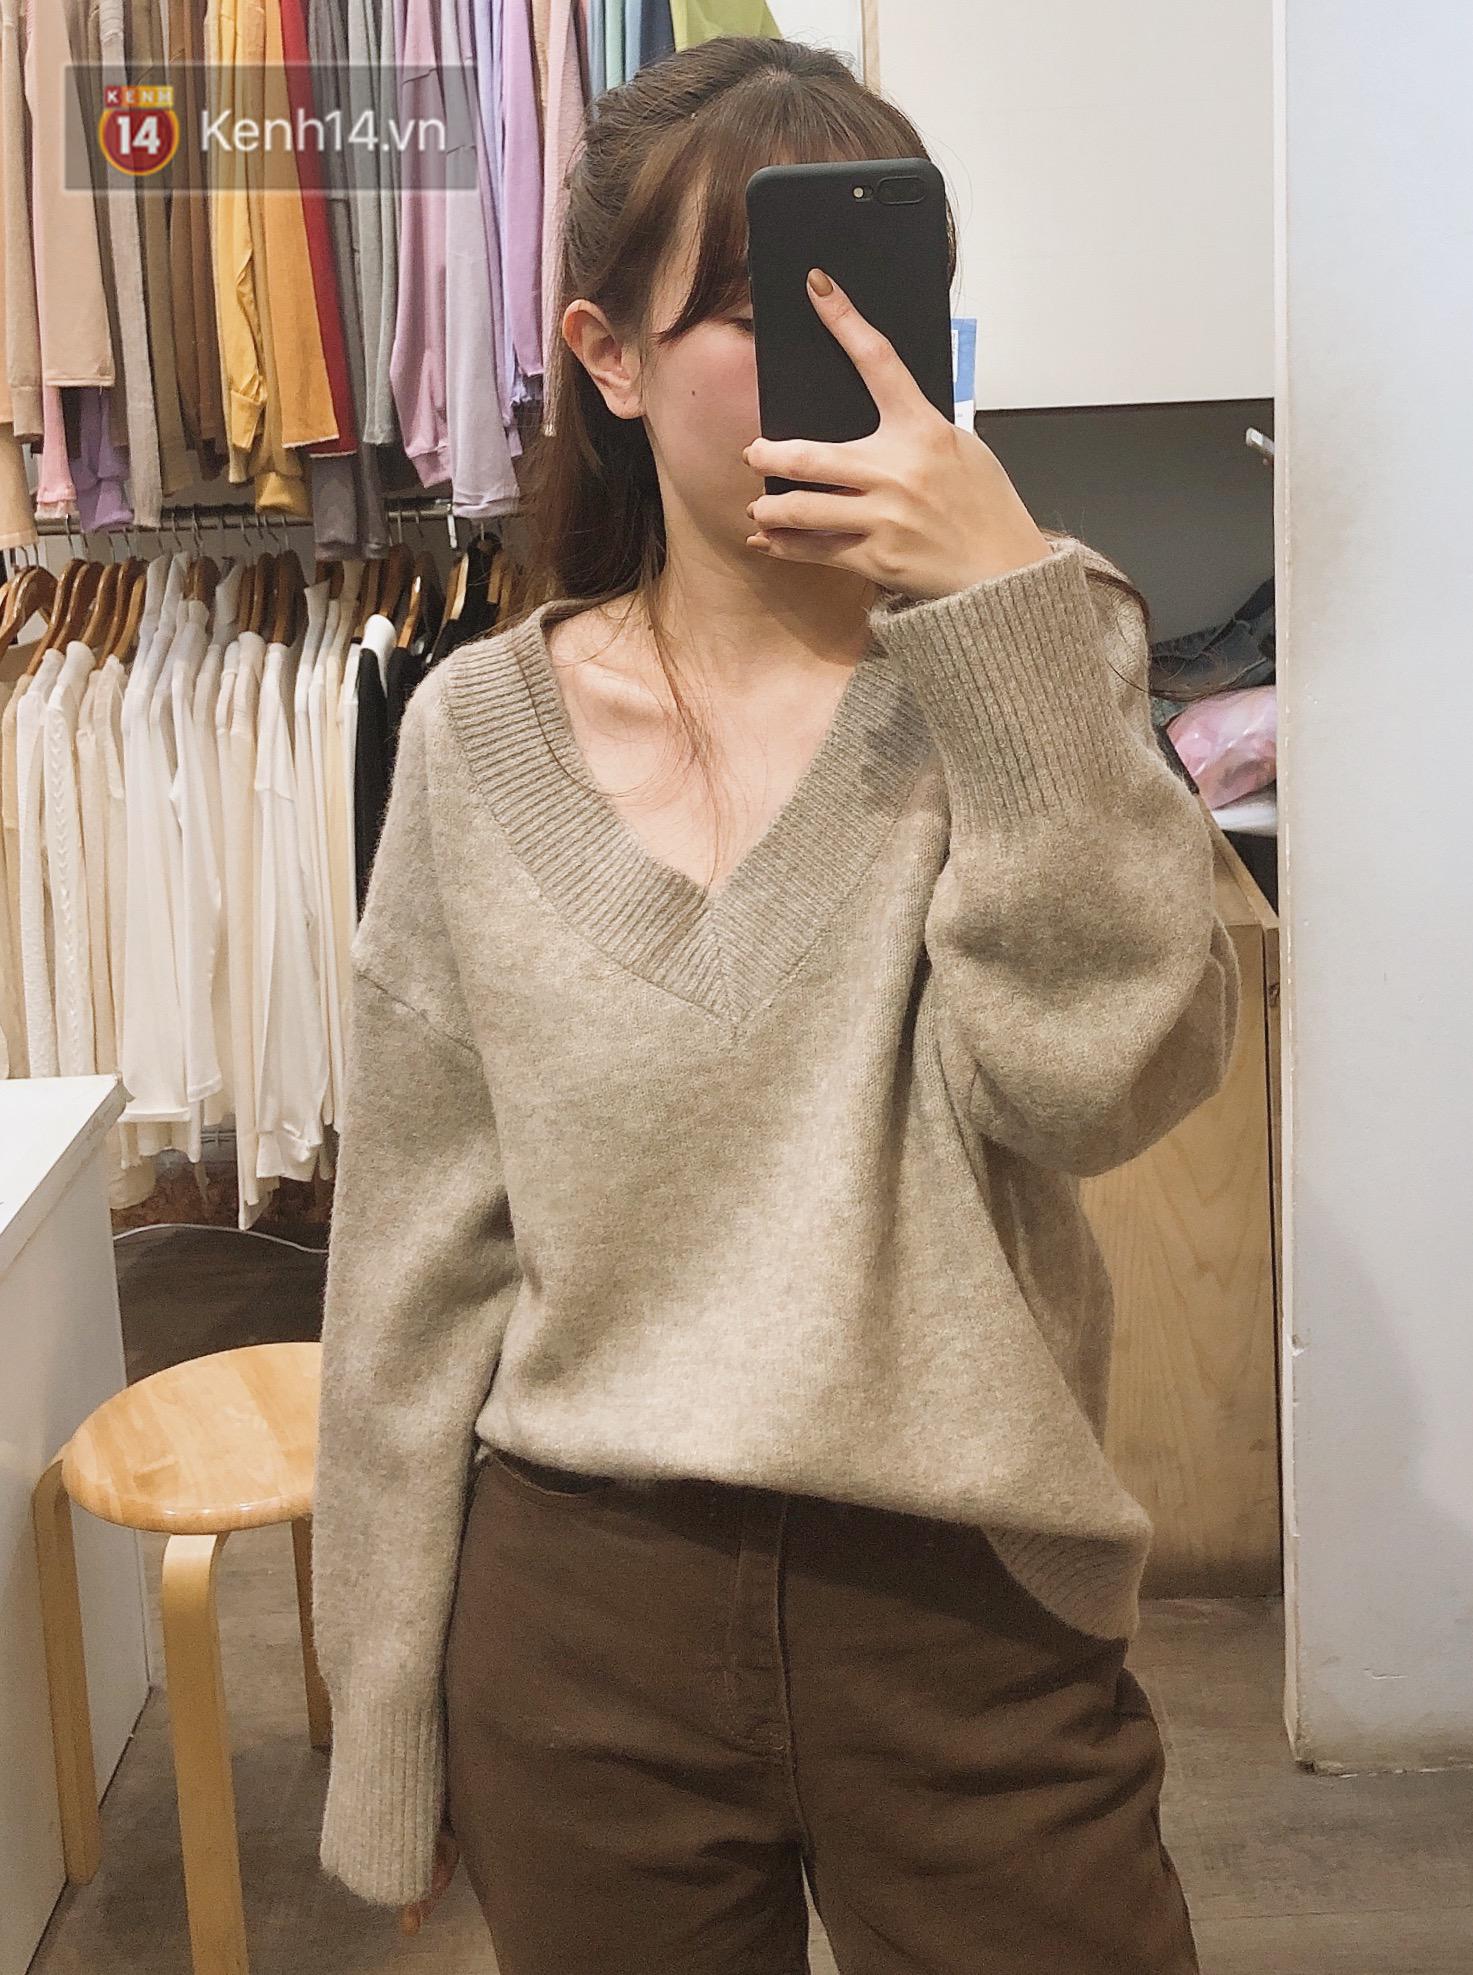 Mua áo len ở khu Chùa Láng: Chỉ từ 280K đã sắm được áo vừa xinh vừa ấm - Ảnh 3.